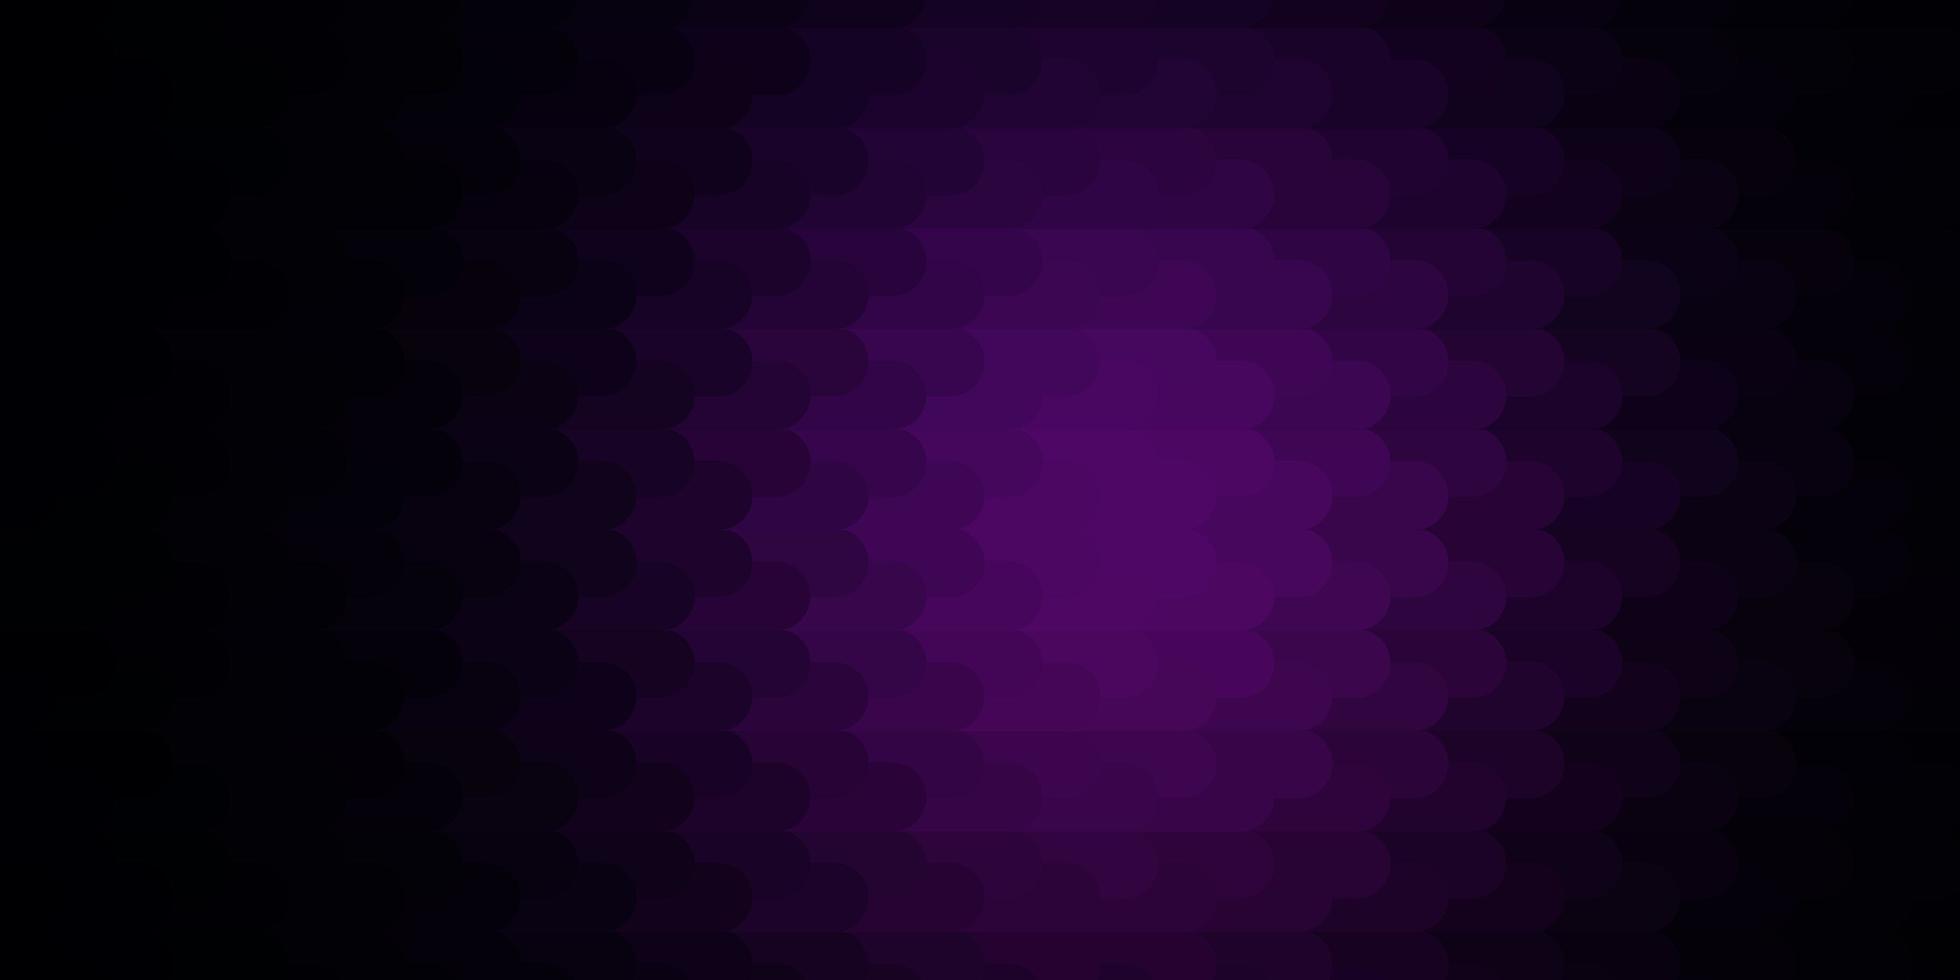 dunkelrosa Vektormuster mit Linien. vektor